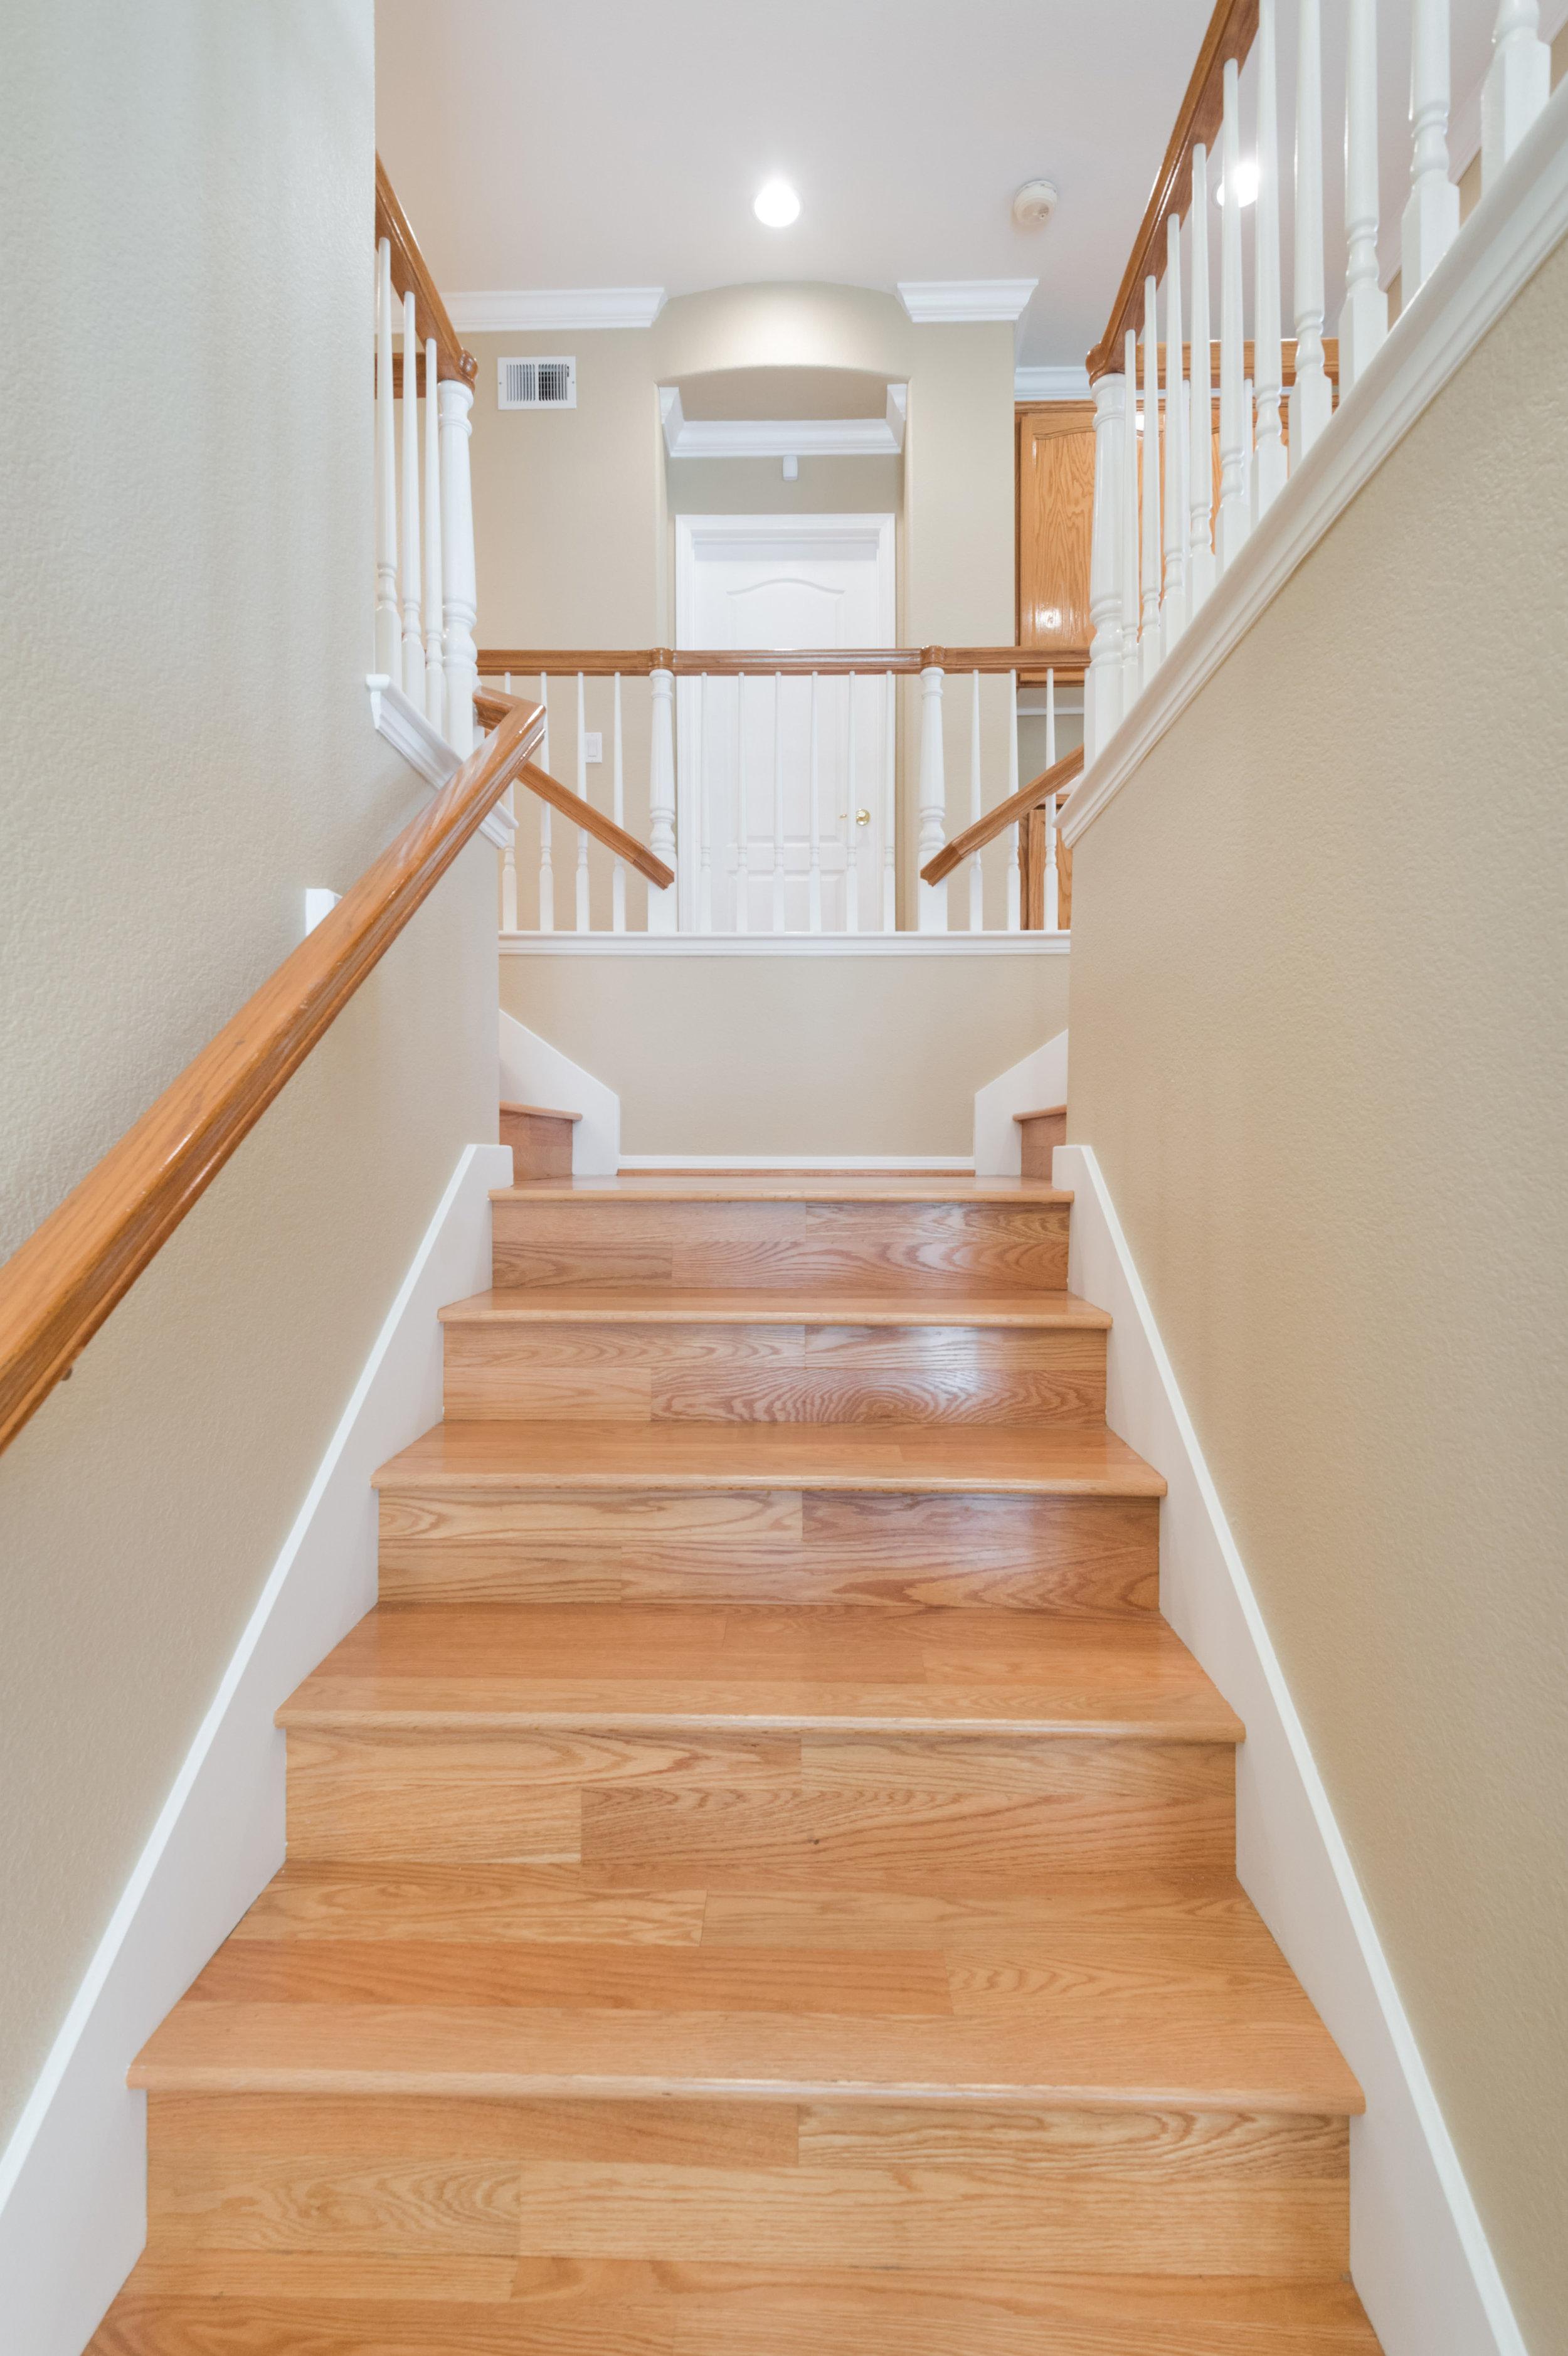 009_stairs 1.jpg